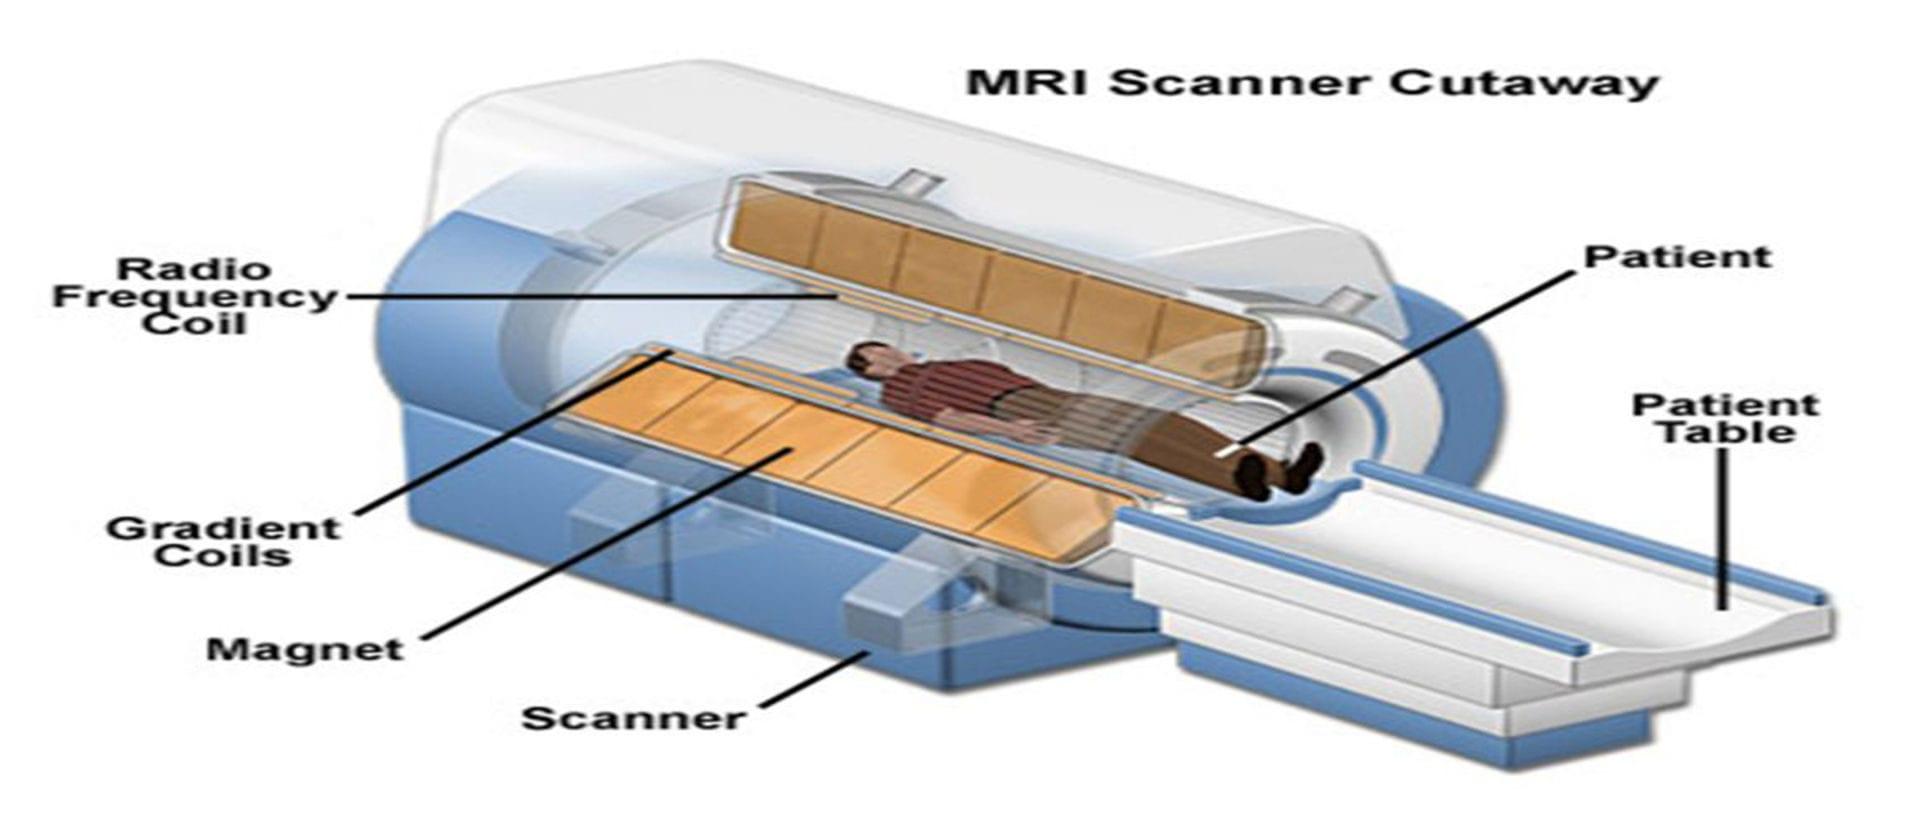 Máy tạo ảnh MRI là gì? - 2